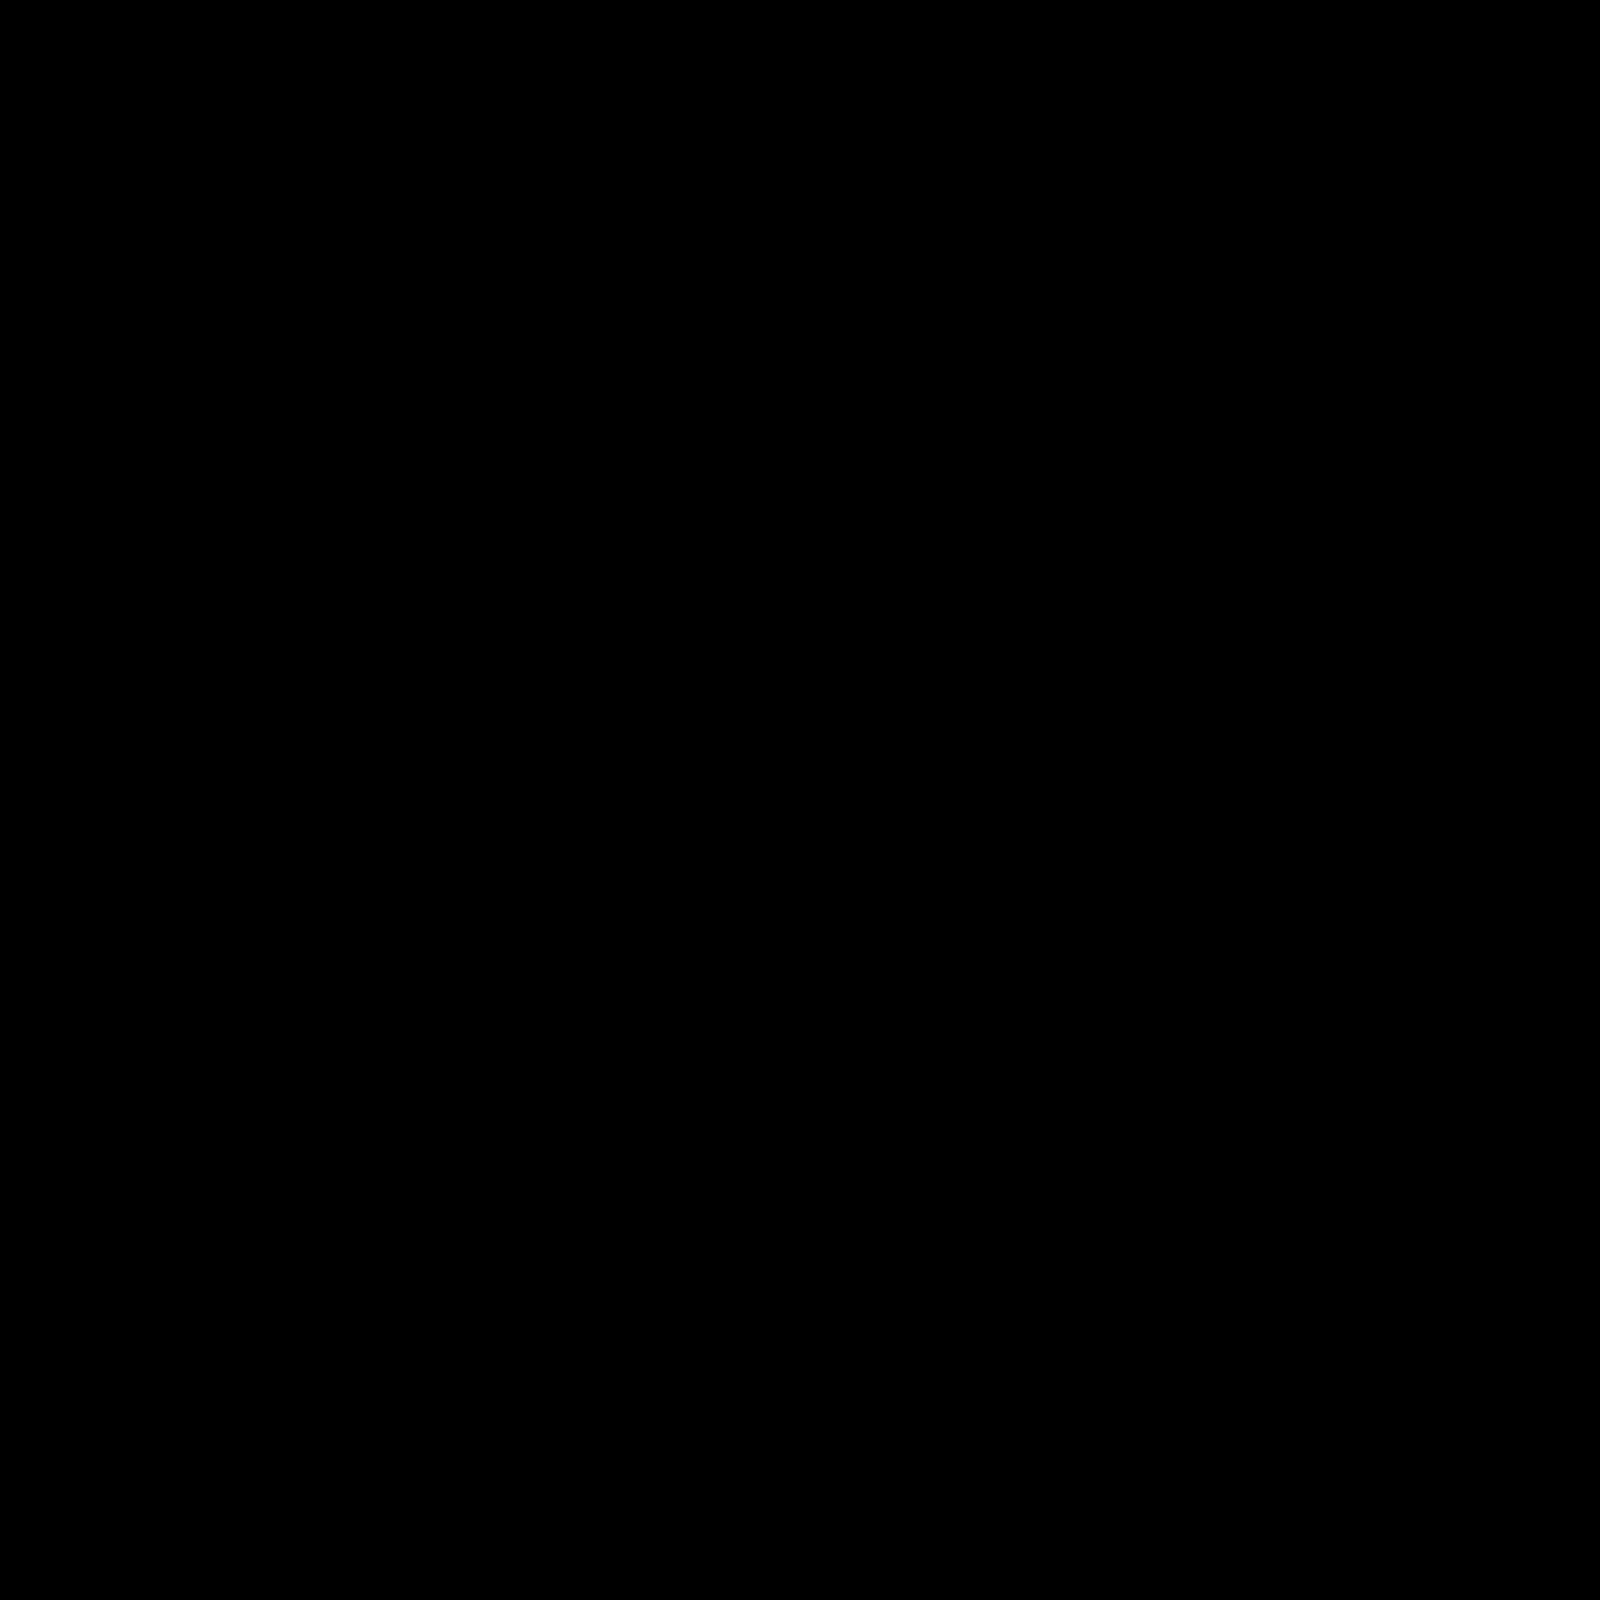 Small Telescope icon